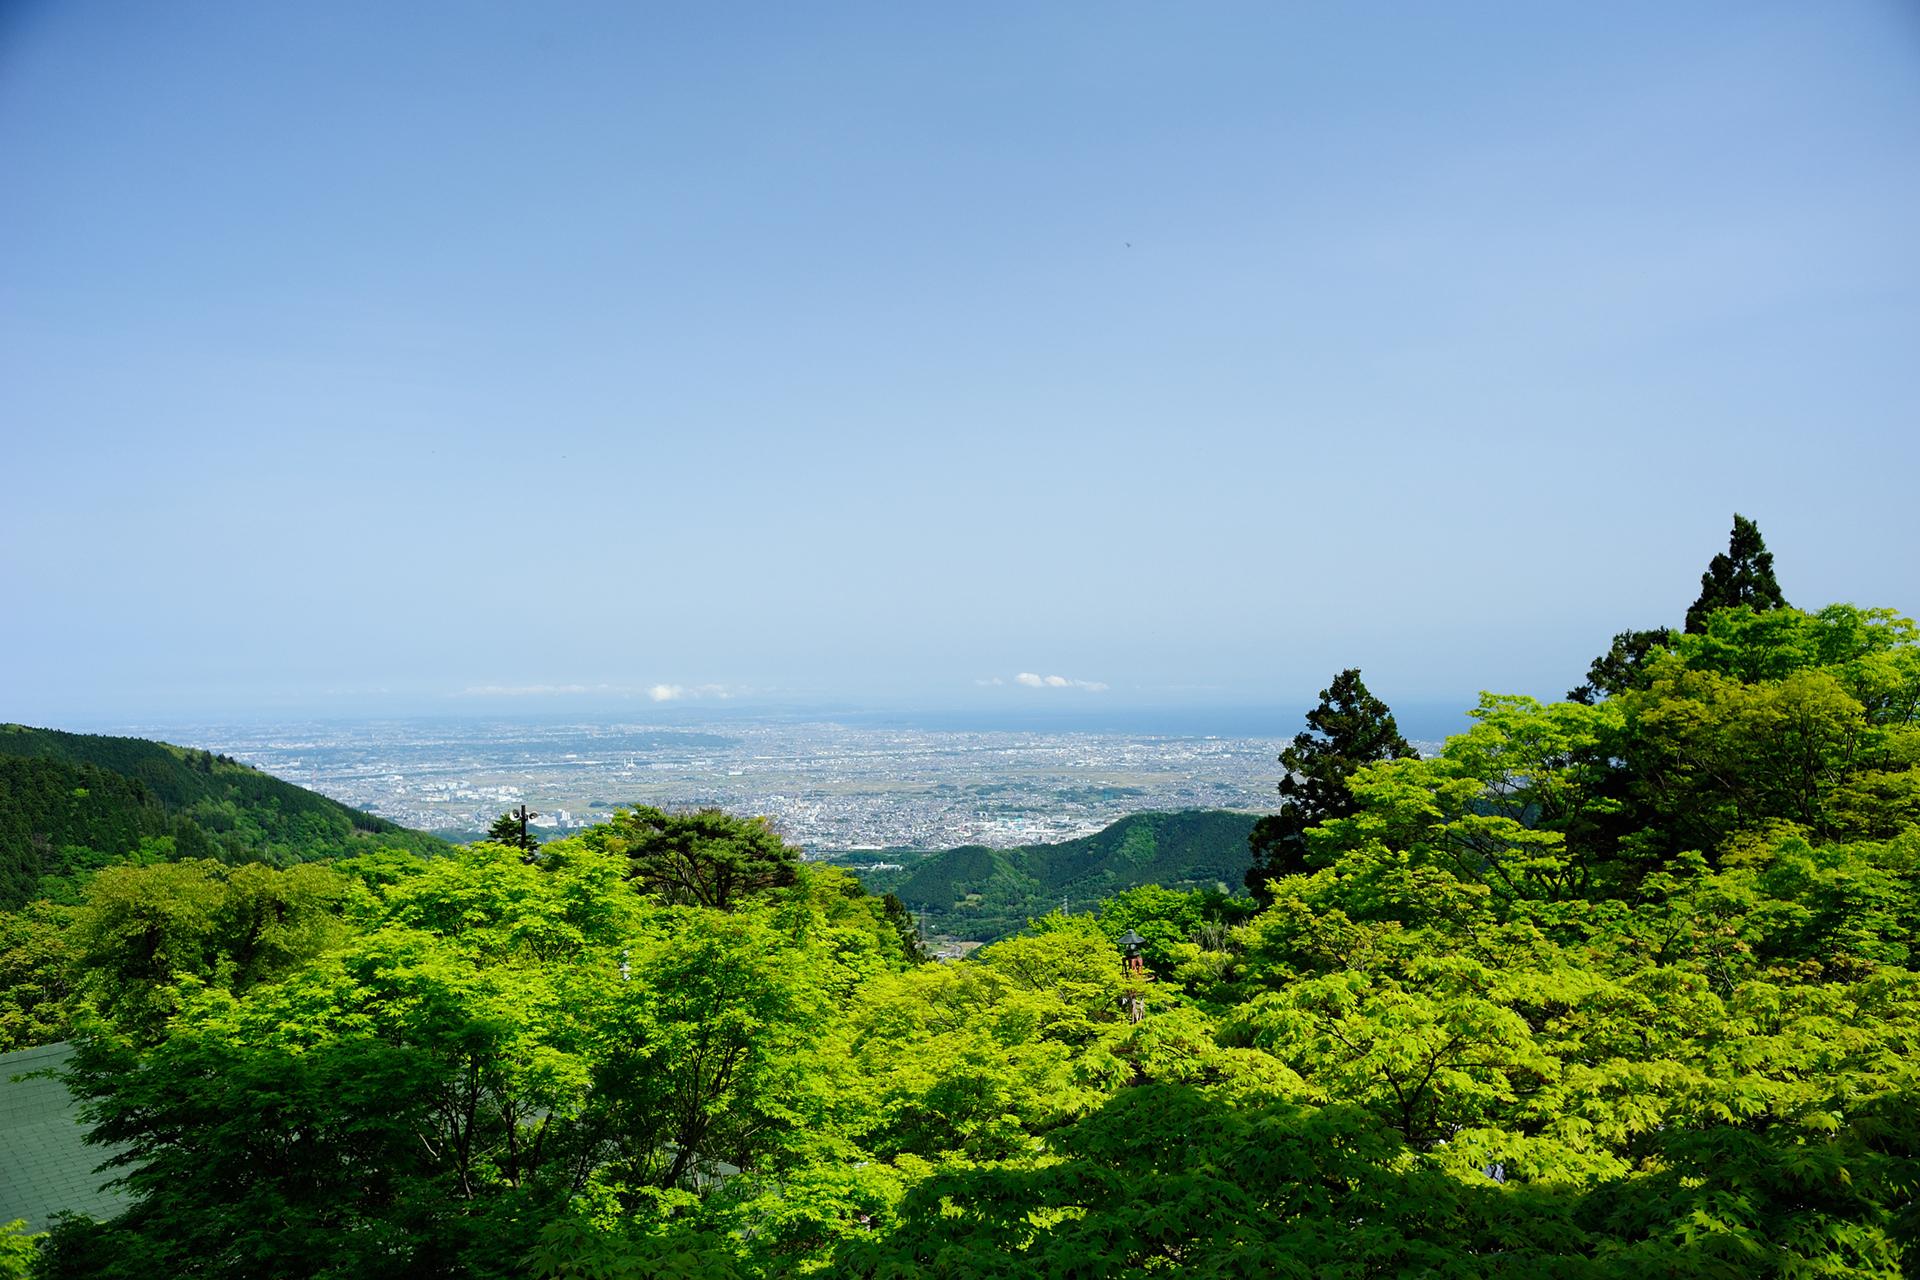 20-1 ビギナーにもおすすめ!日帰りでも楽しめる関東の絶景登山・ハイキングスポット10選